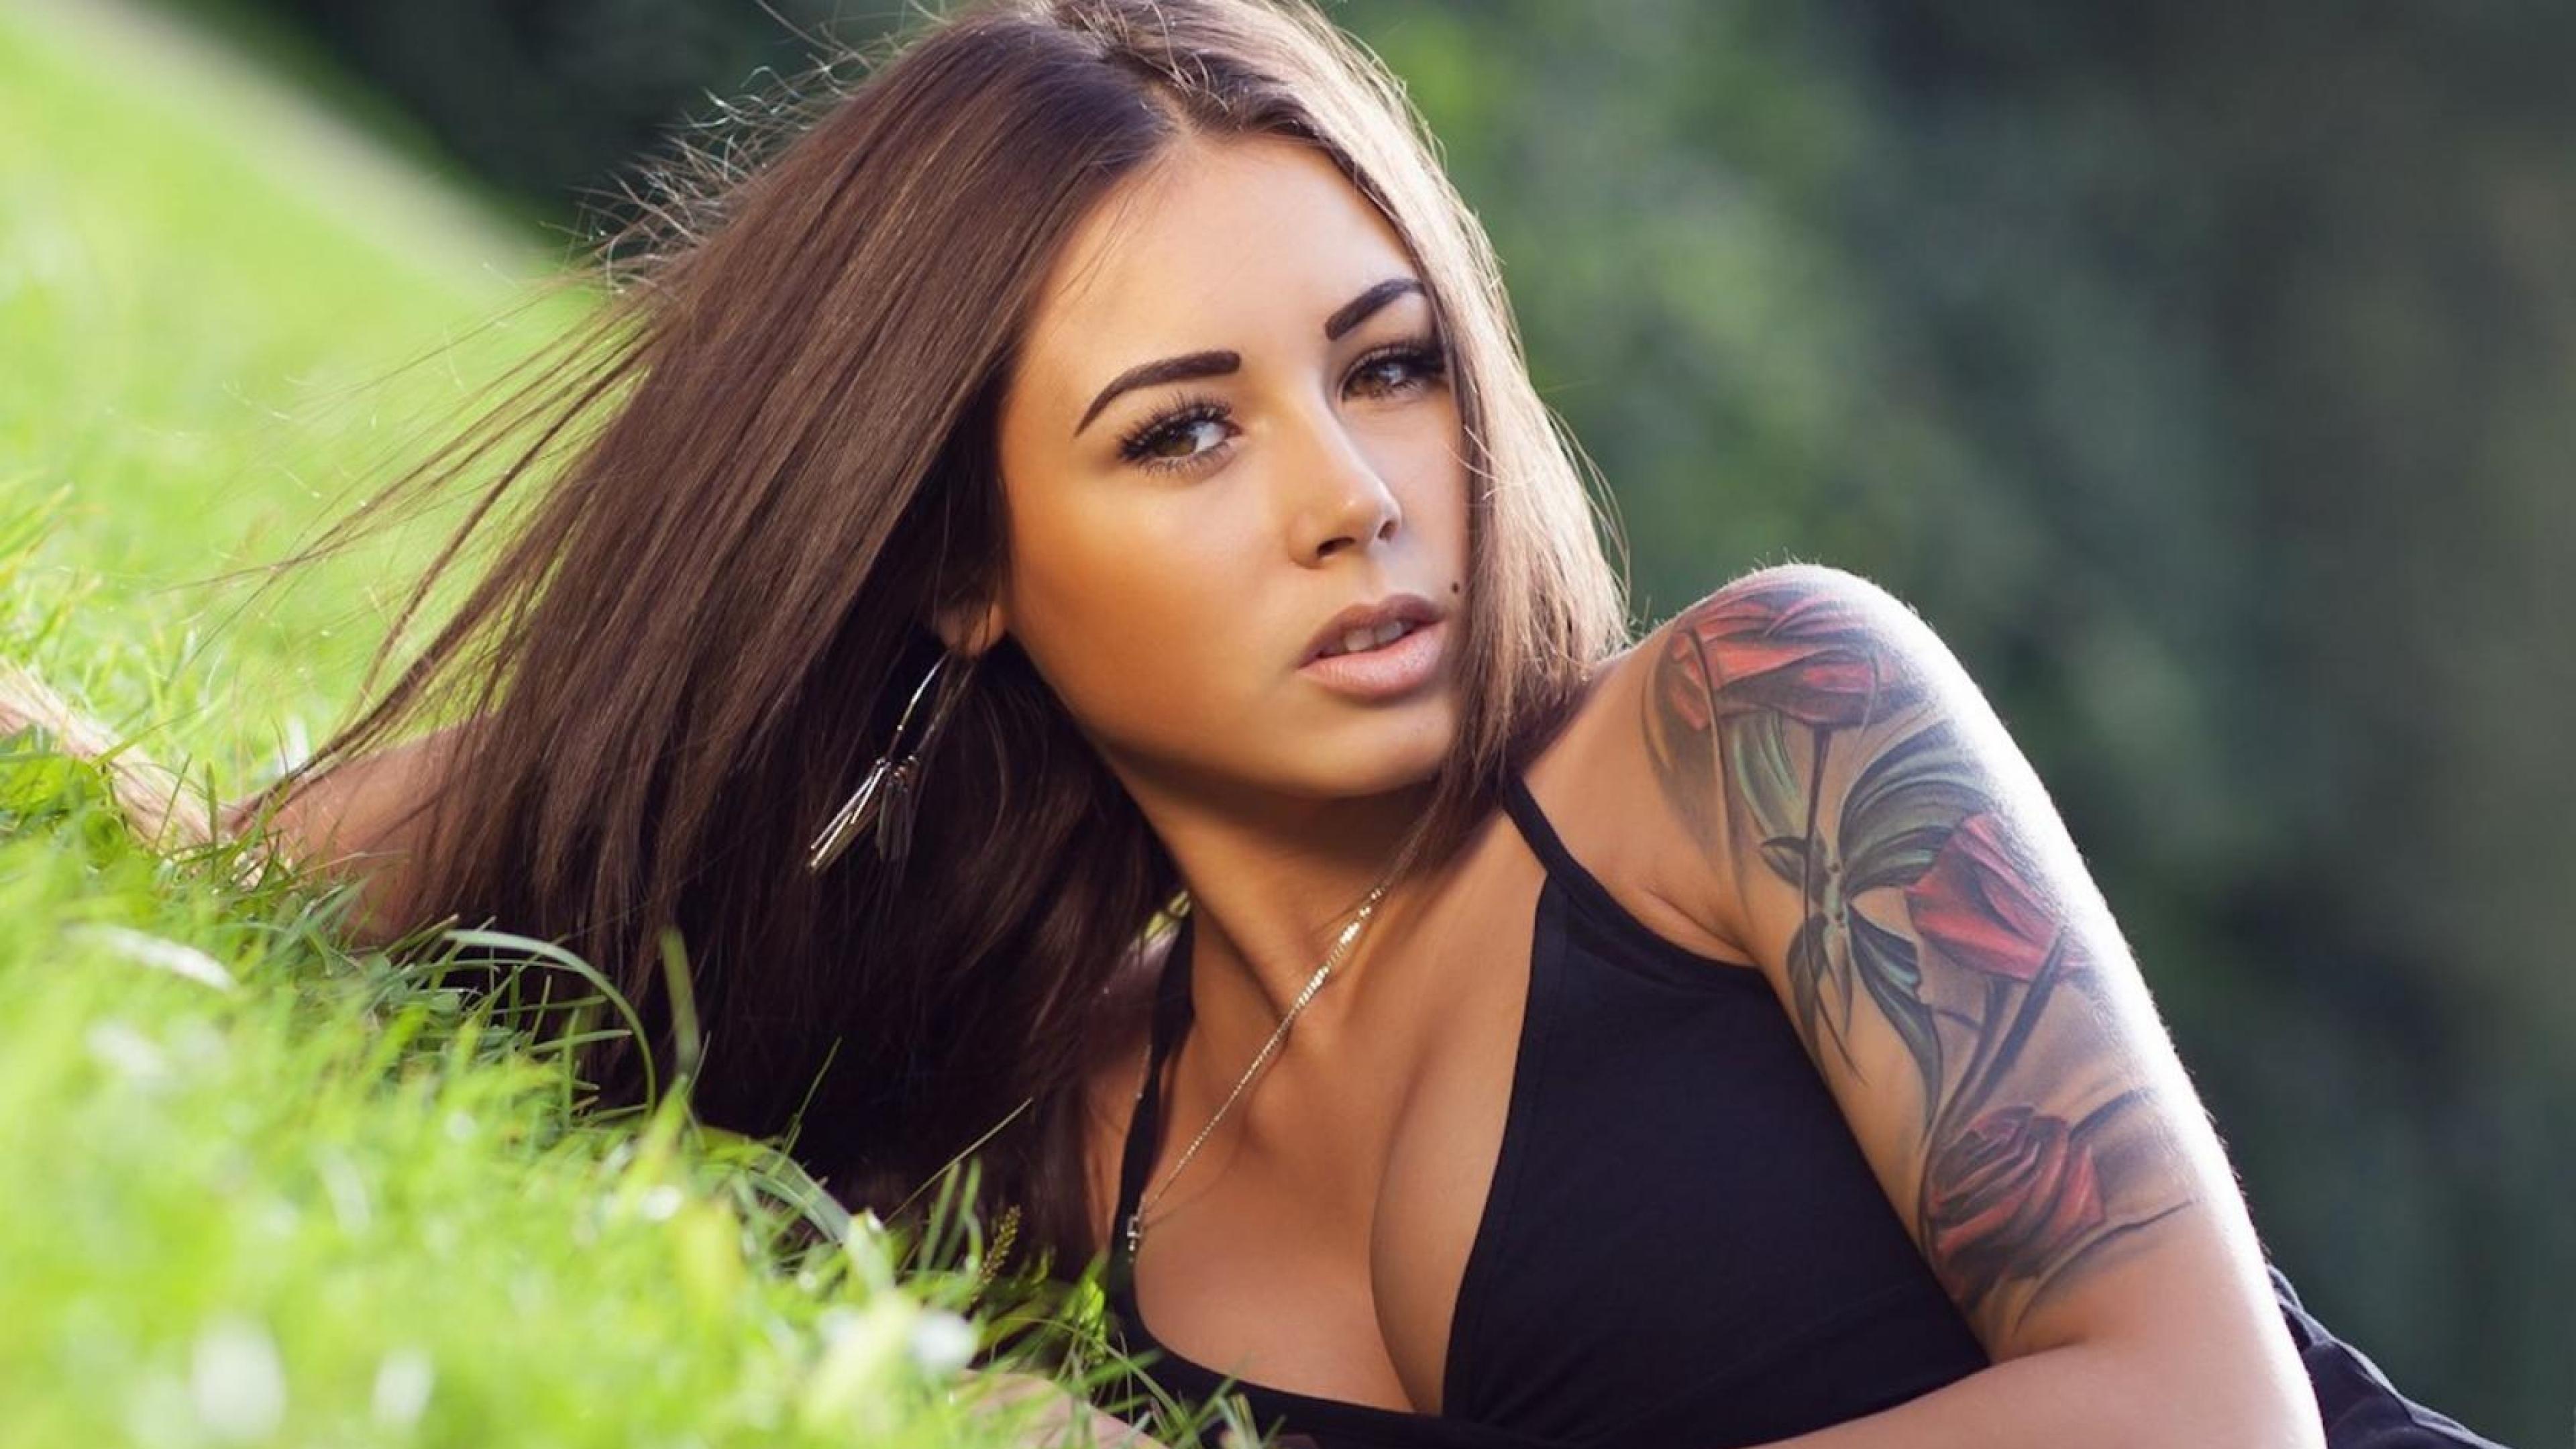 фото ну очень красивой девушки